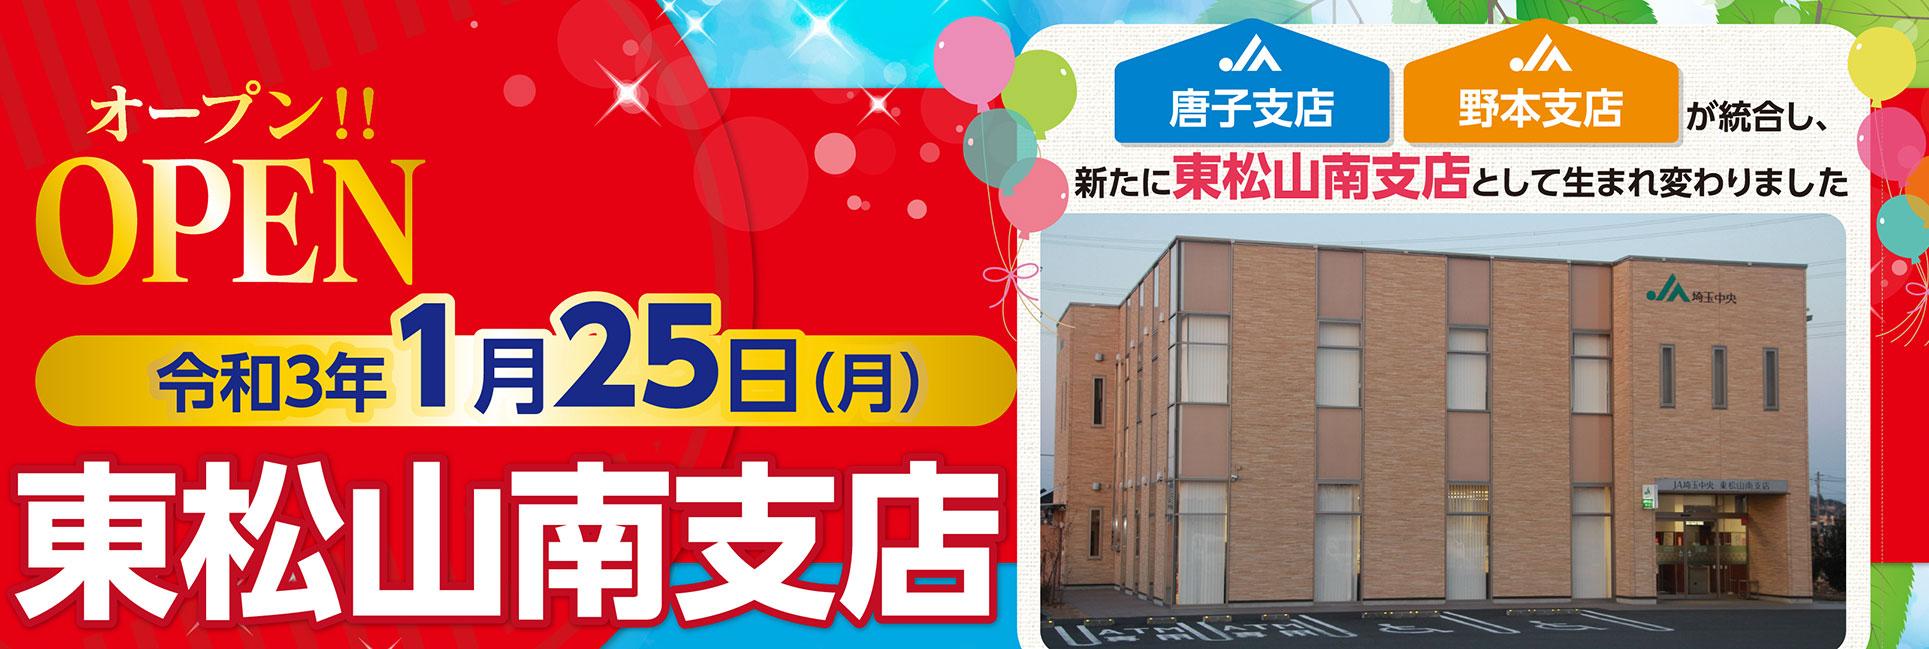 令和3年1月25日(月)東松山南支店OPENしました